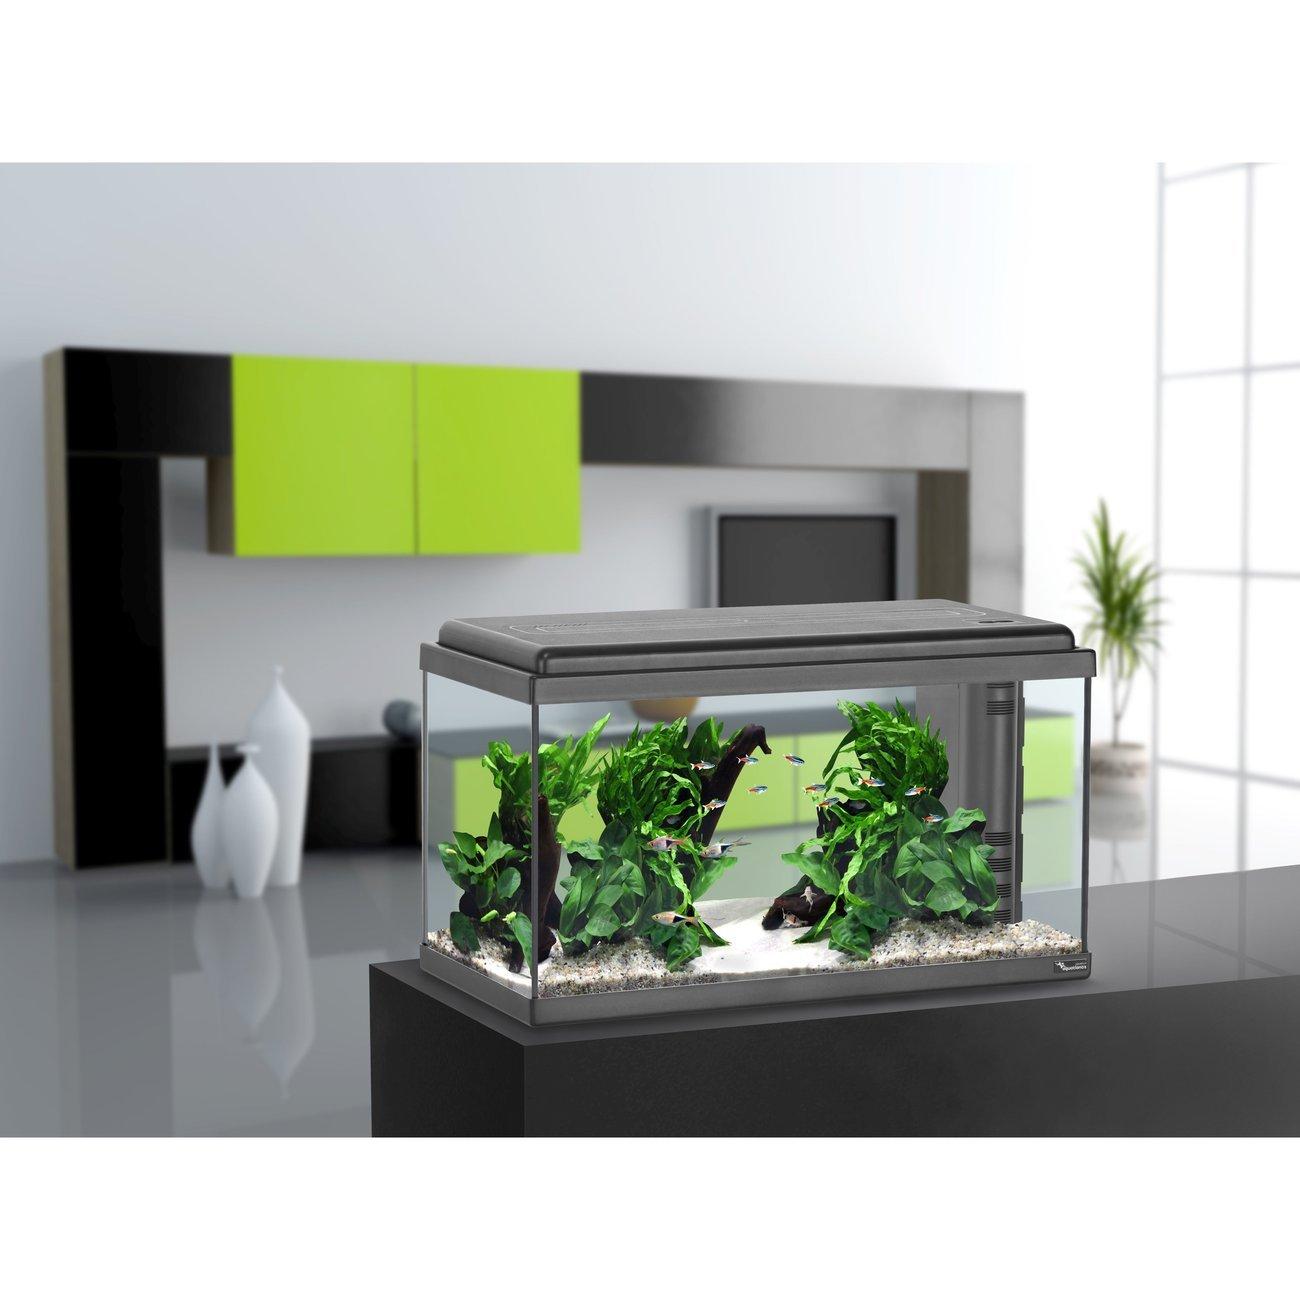 Aquatlantis Advance 60 LED Aquarium Bild 3